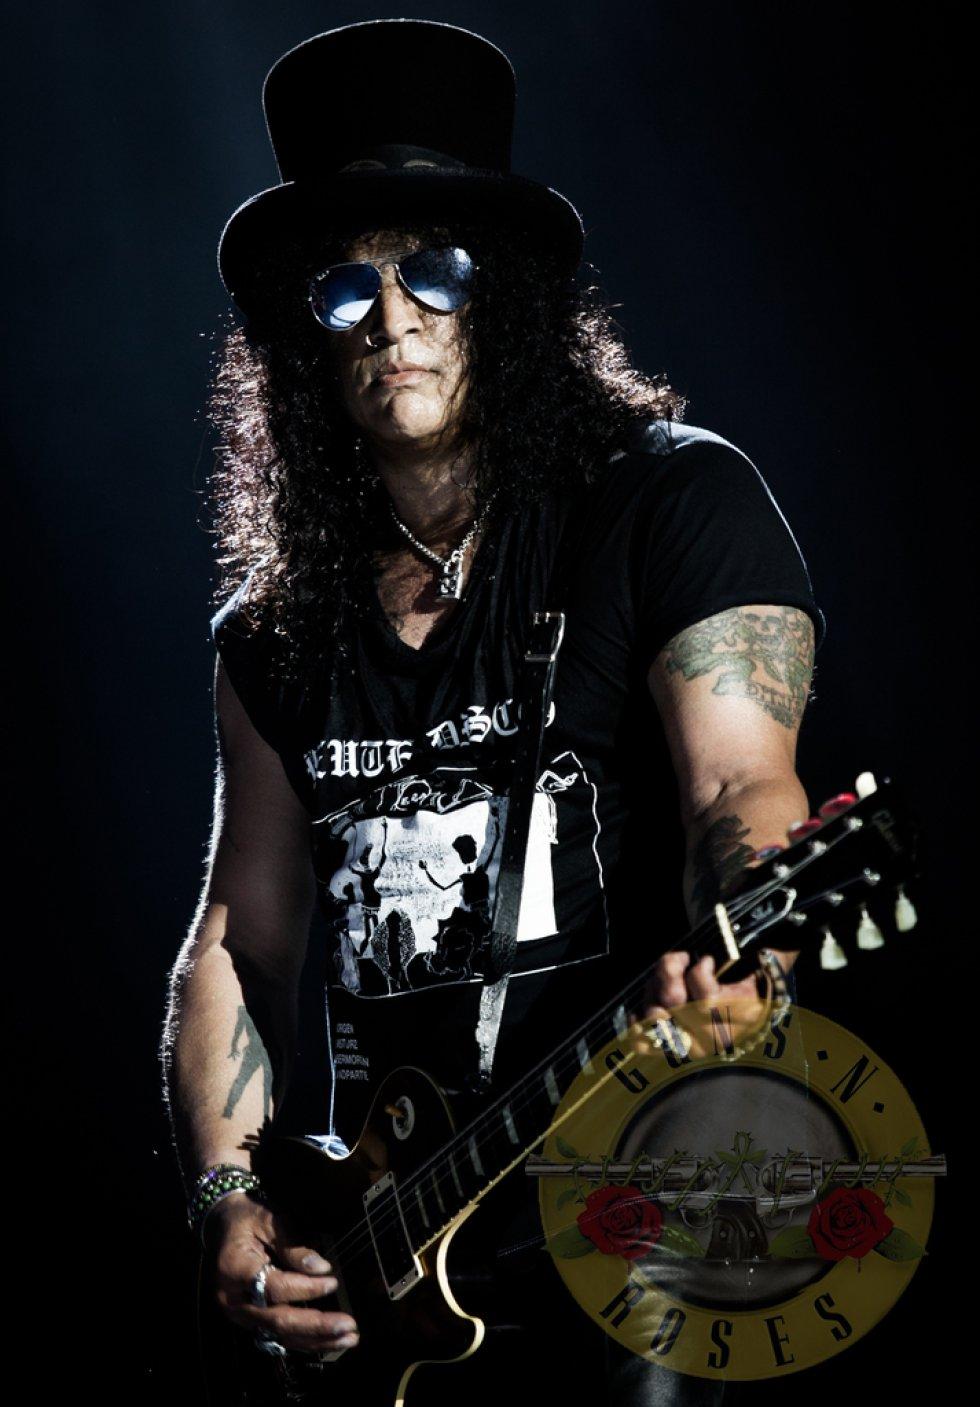 Slash ha tenido colaboraciones para distintos artistas, entre ellos se destacan Bob Dylan, Michael Jackson, Iggy Pop, Alice Cooper, Lenny Kravitz, Steven Tyler y The Rolling Stones.